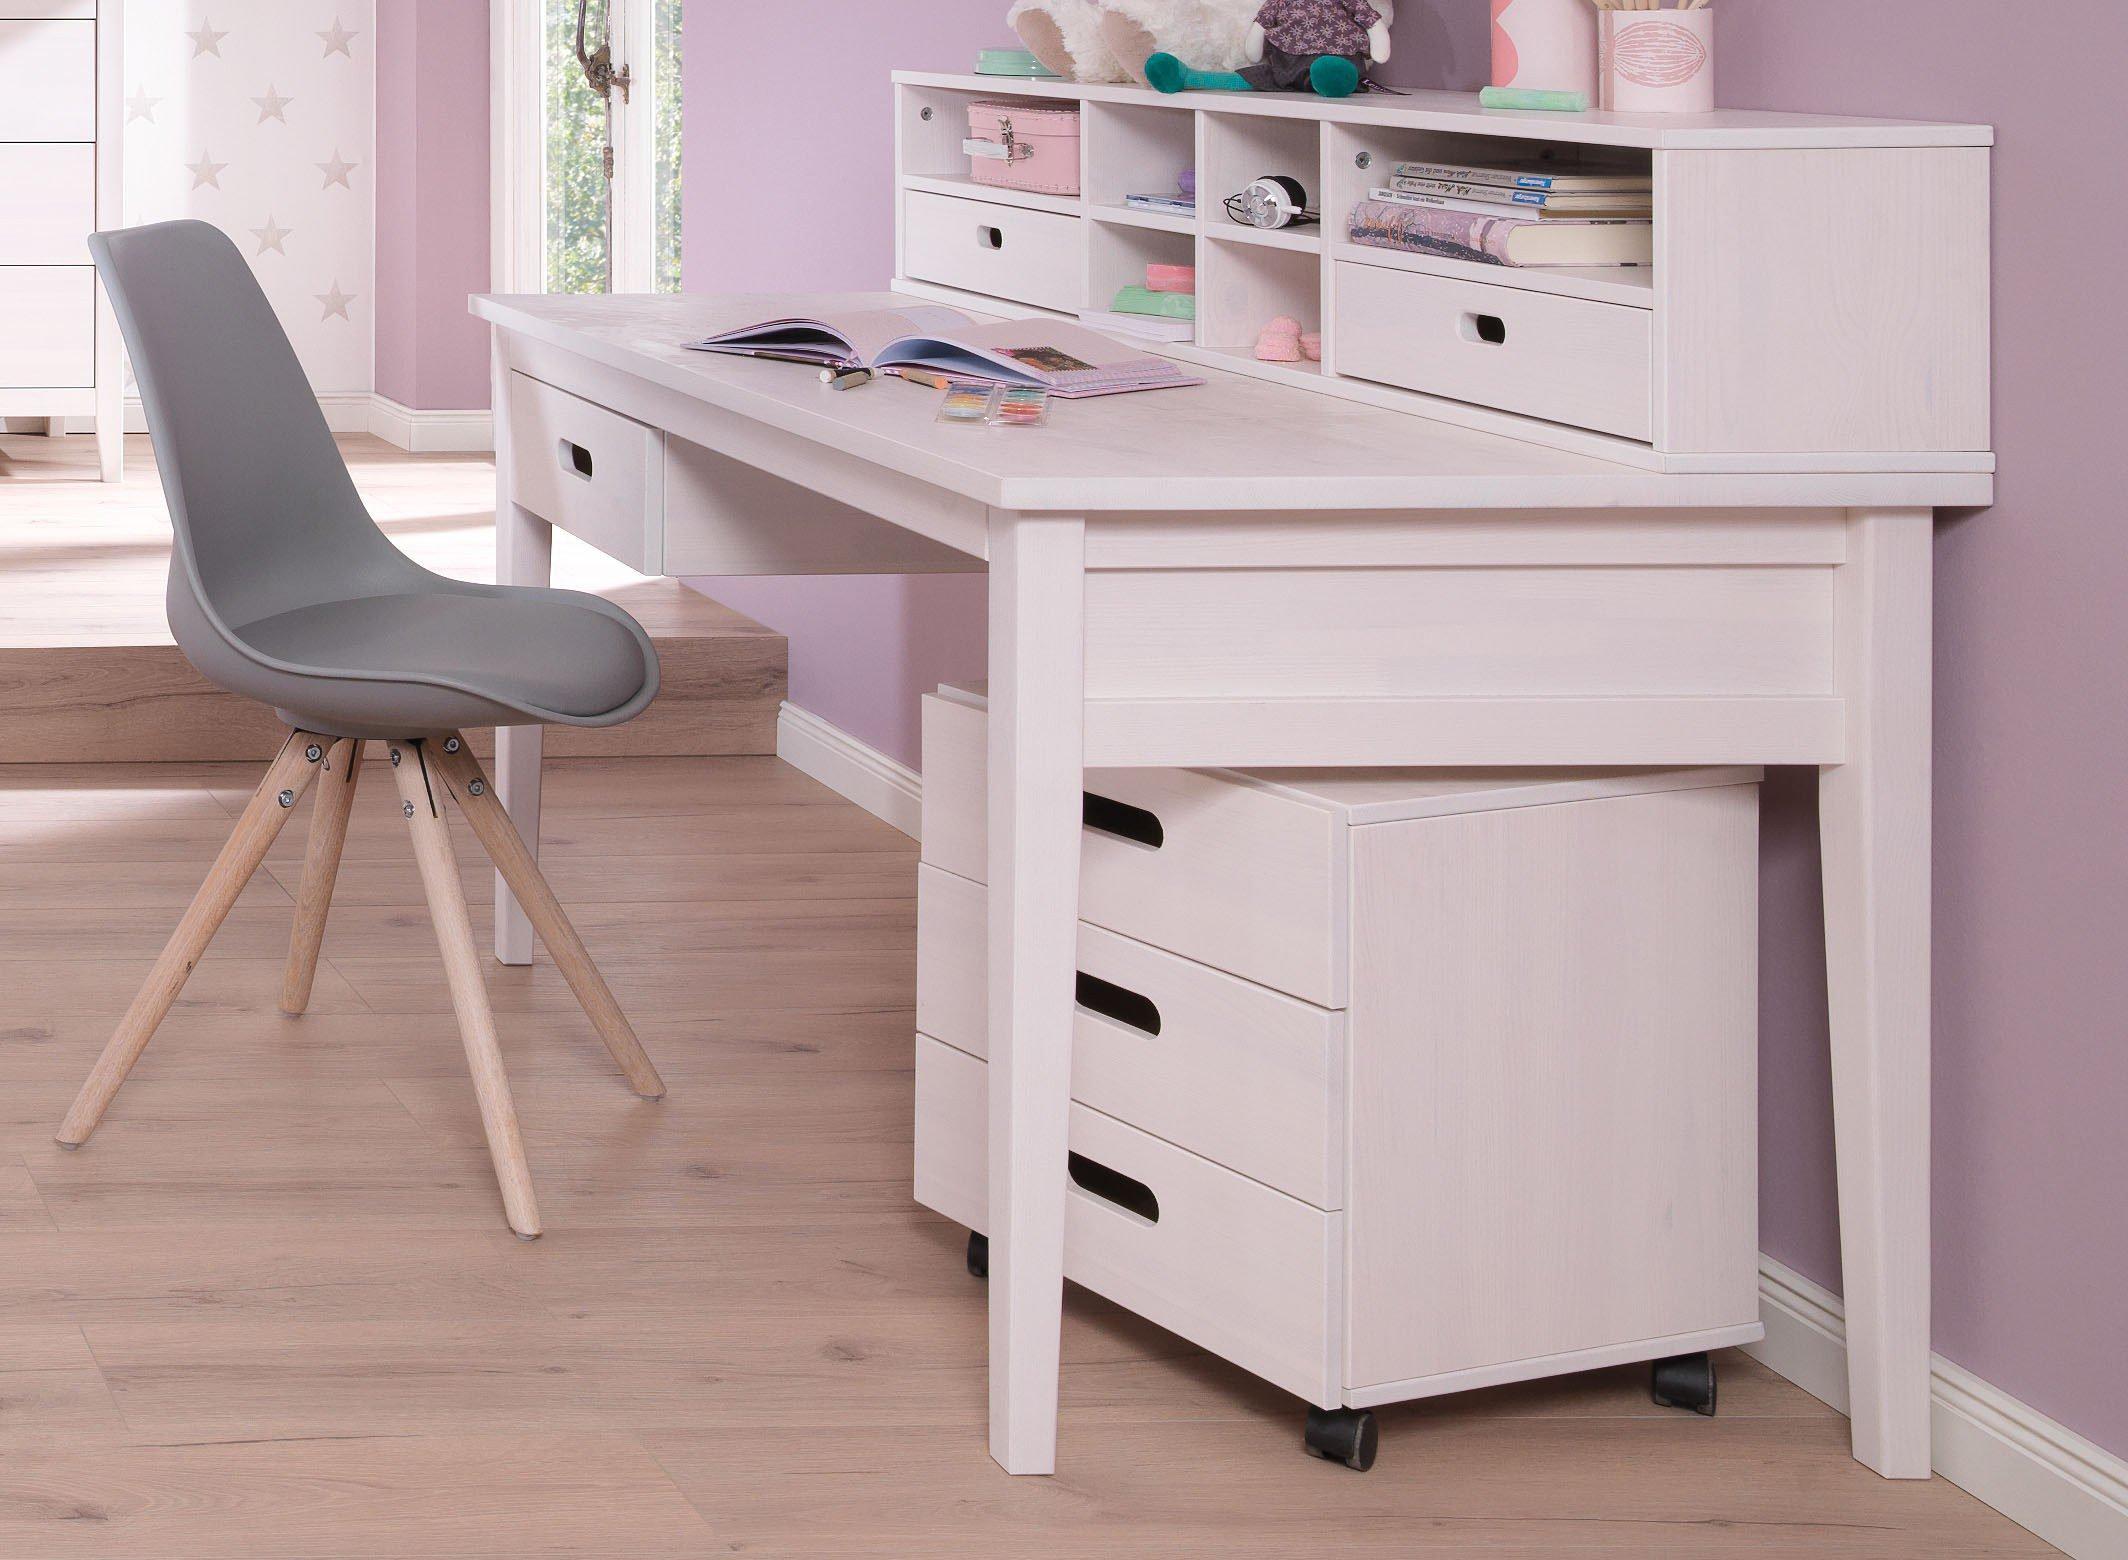 Wellemöbel Jugenzimmer Lumio-Kids Kiefer | Möbel Letz - Ihr Online-Shop